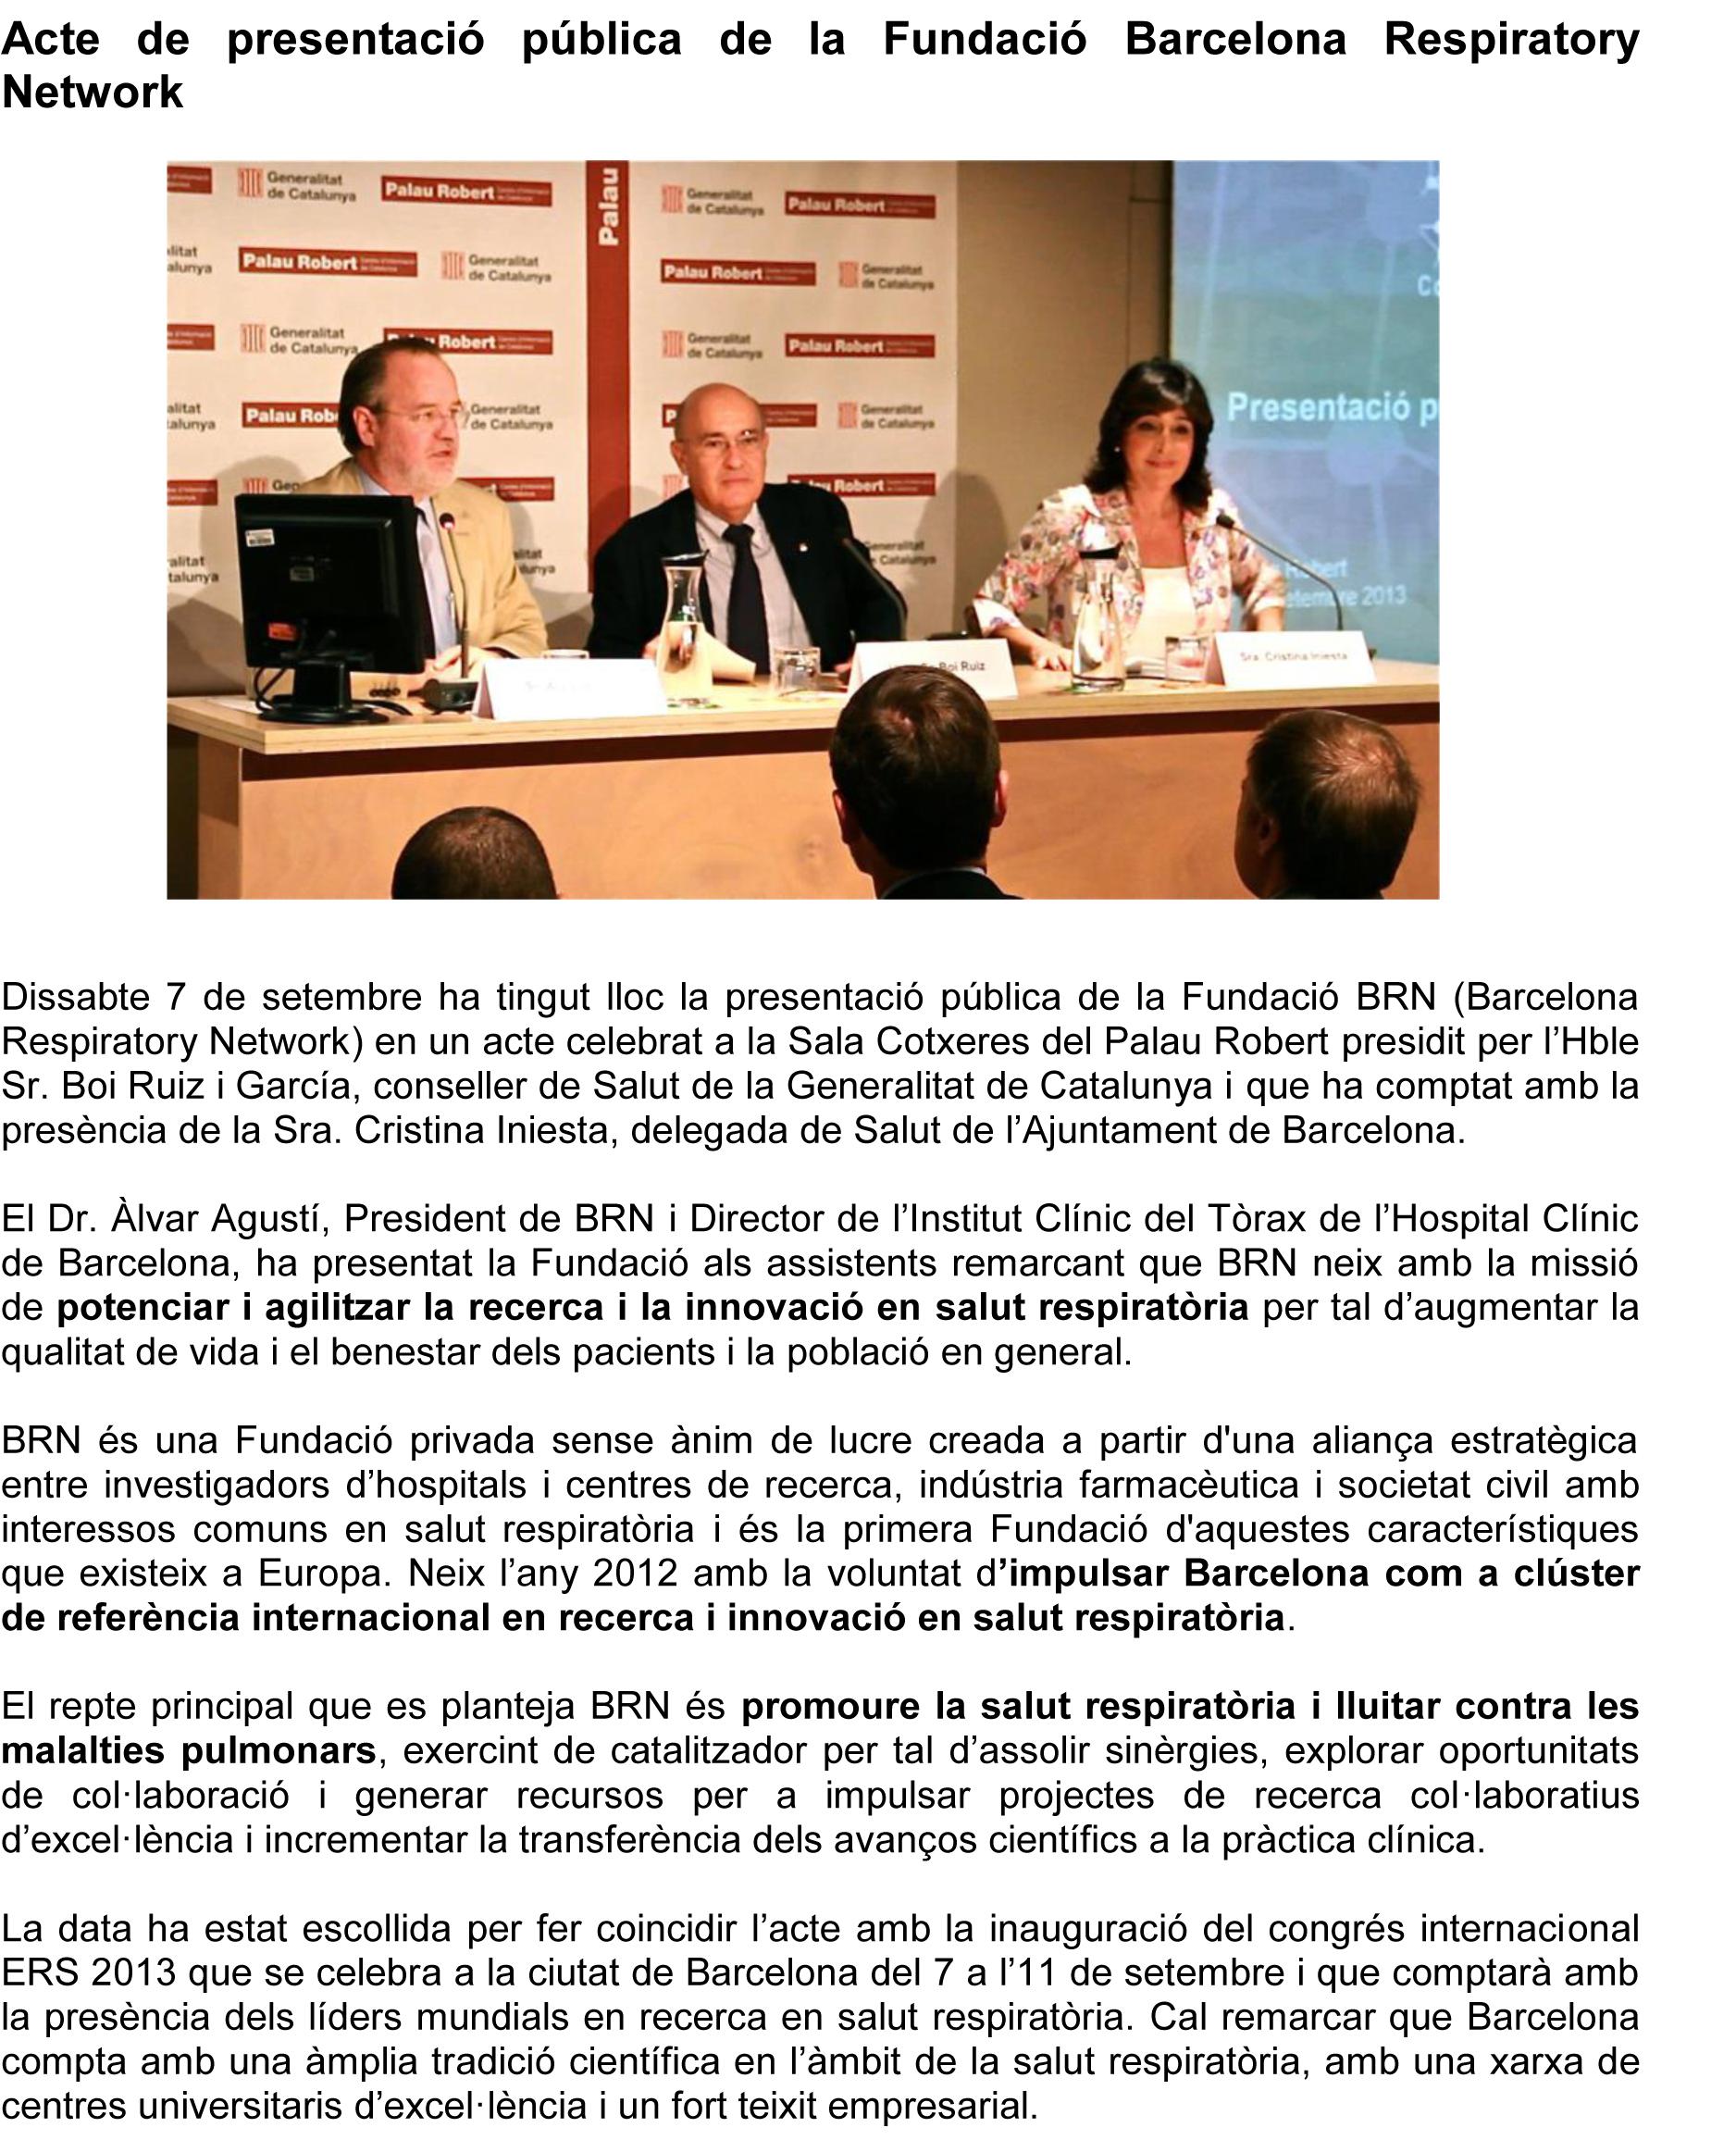 Convocatoria-de-projectes-BRN-FRPA-page-001